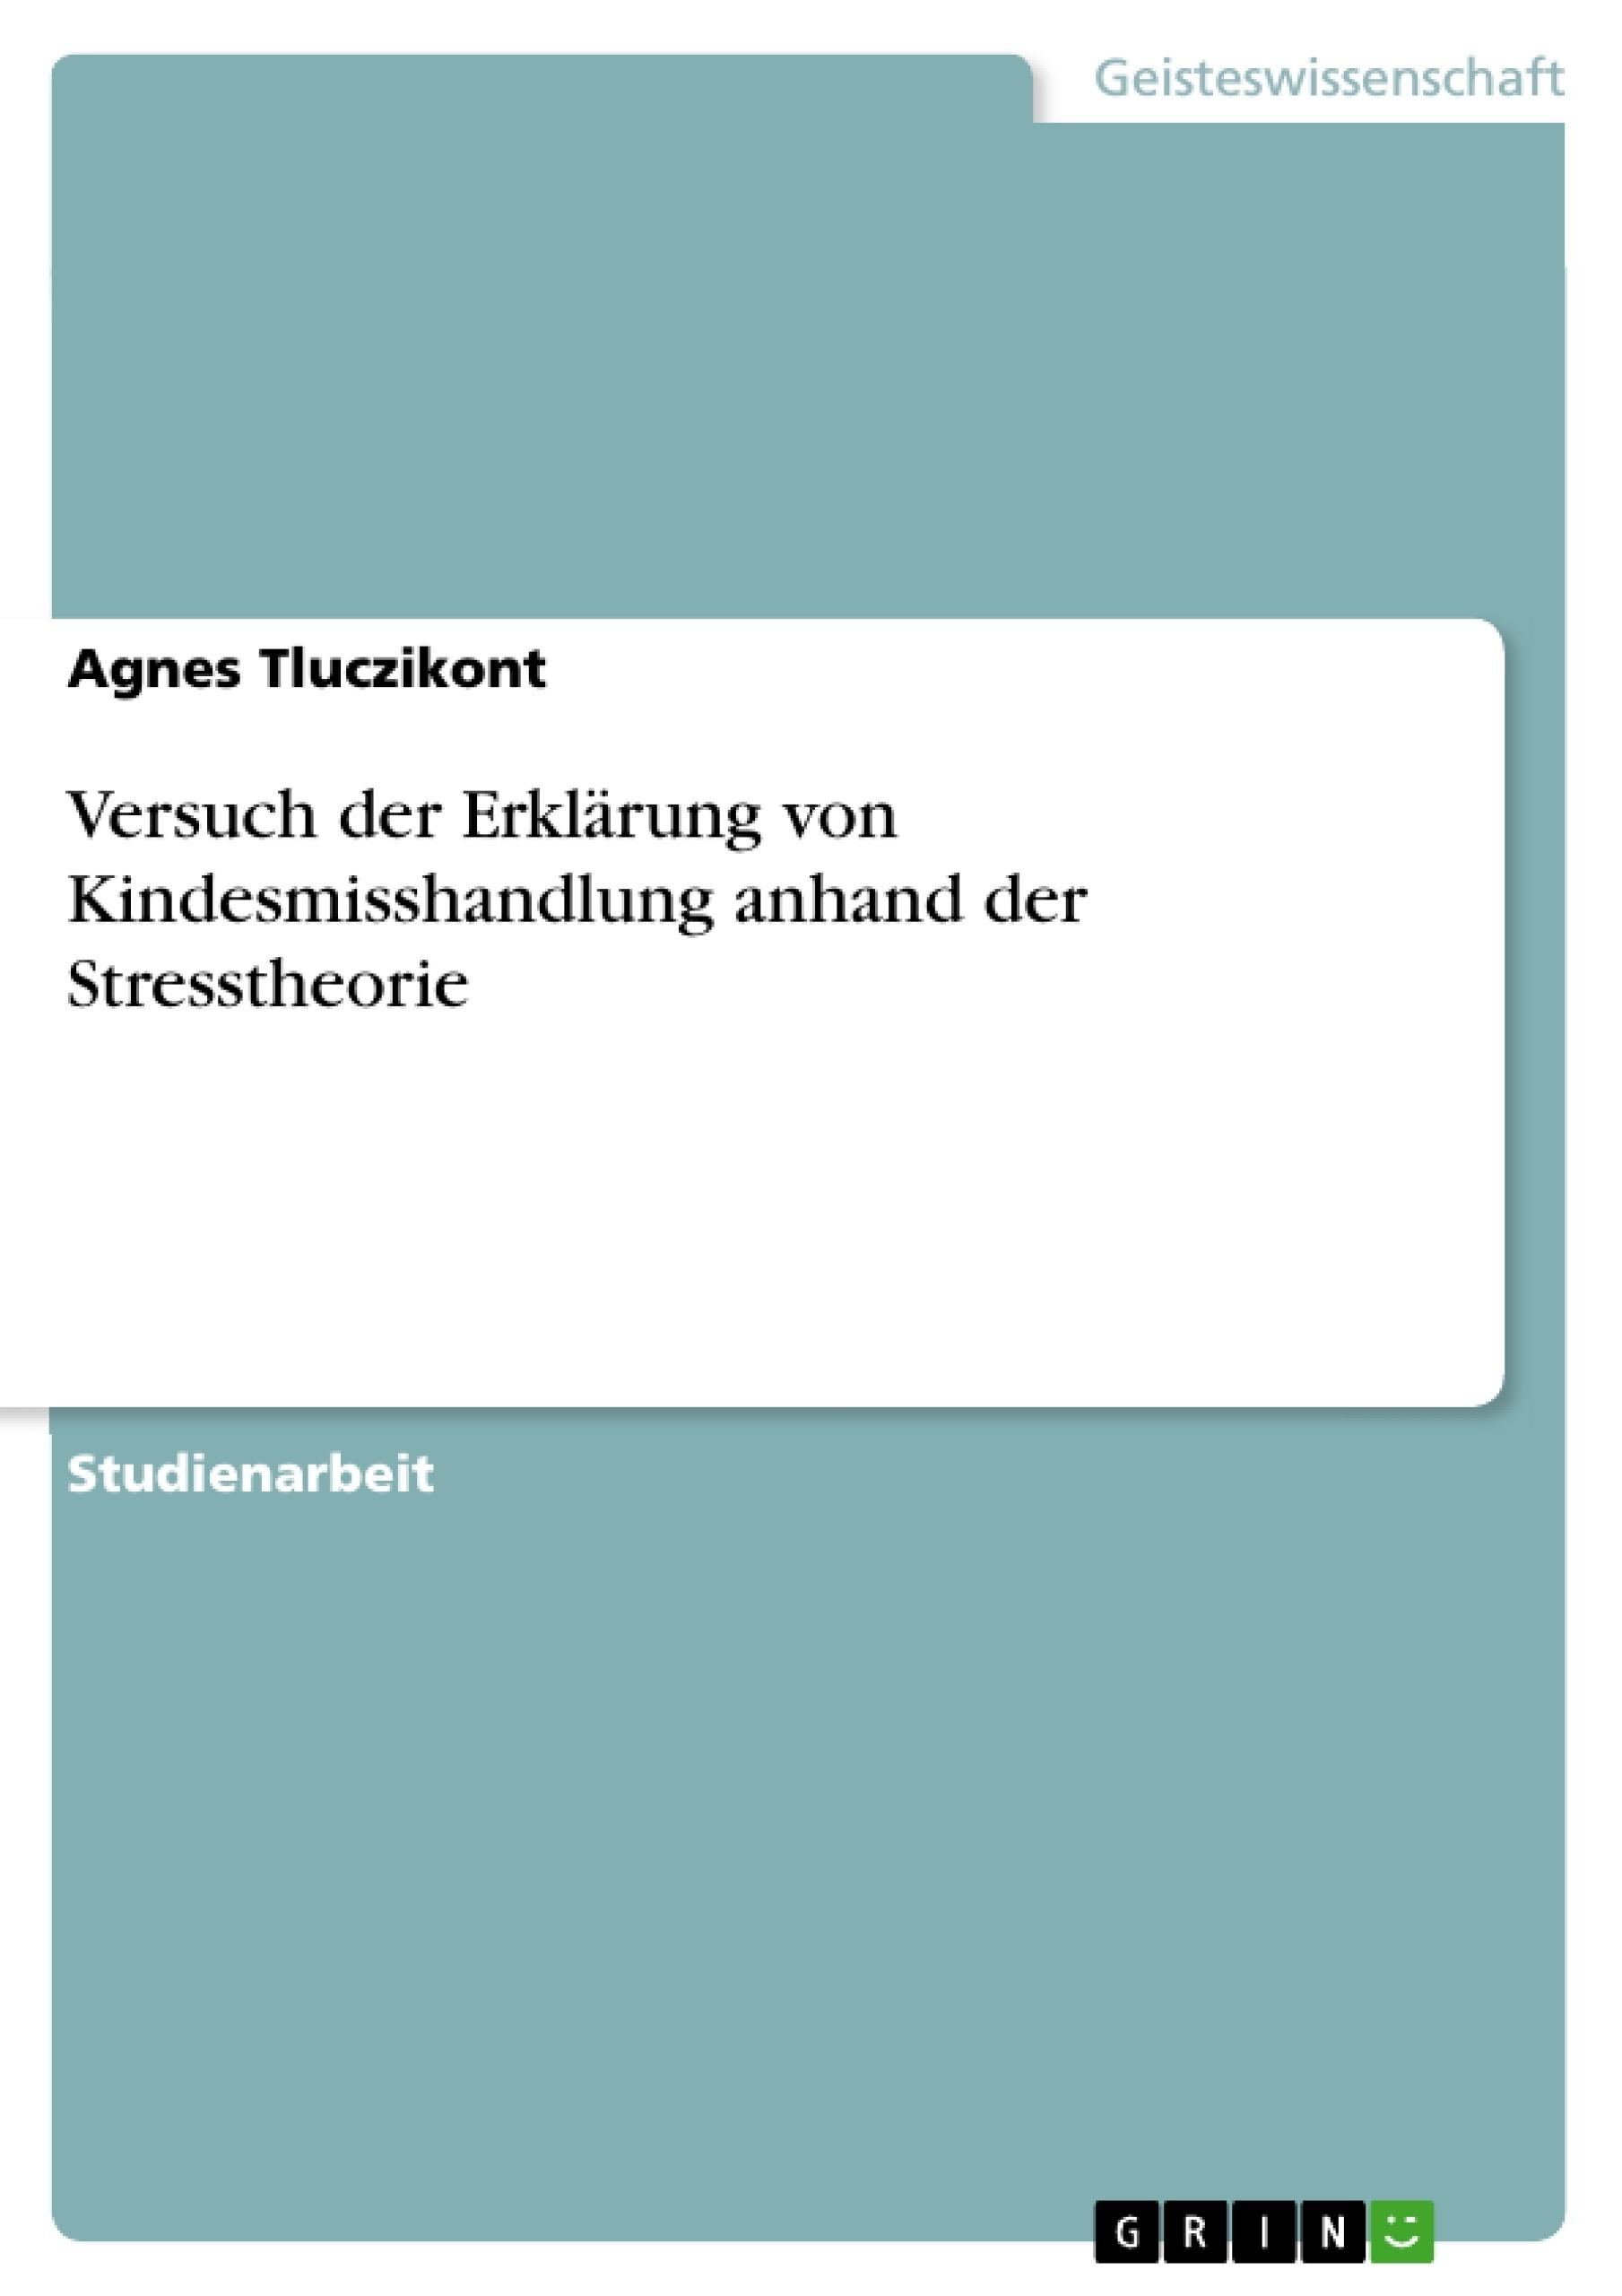 Titel: Versuch der Erklärung von Kindesmisshandlung anhand der Stresstheorie